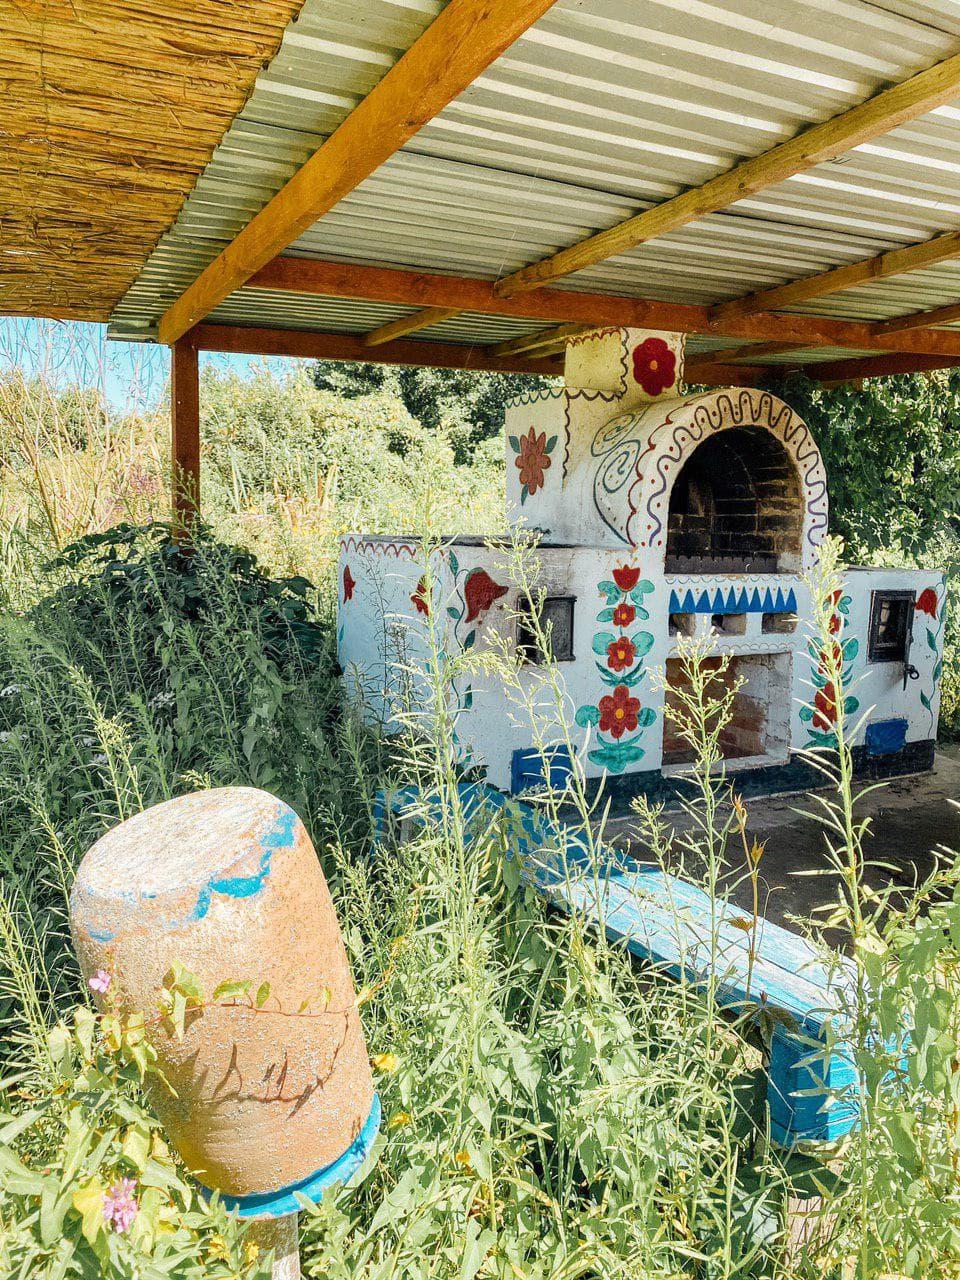 старинная печка в зеленых хуторах таврии.